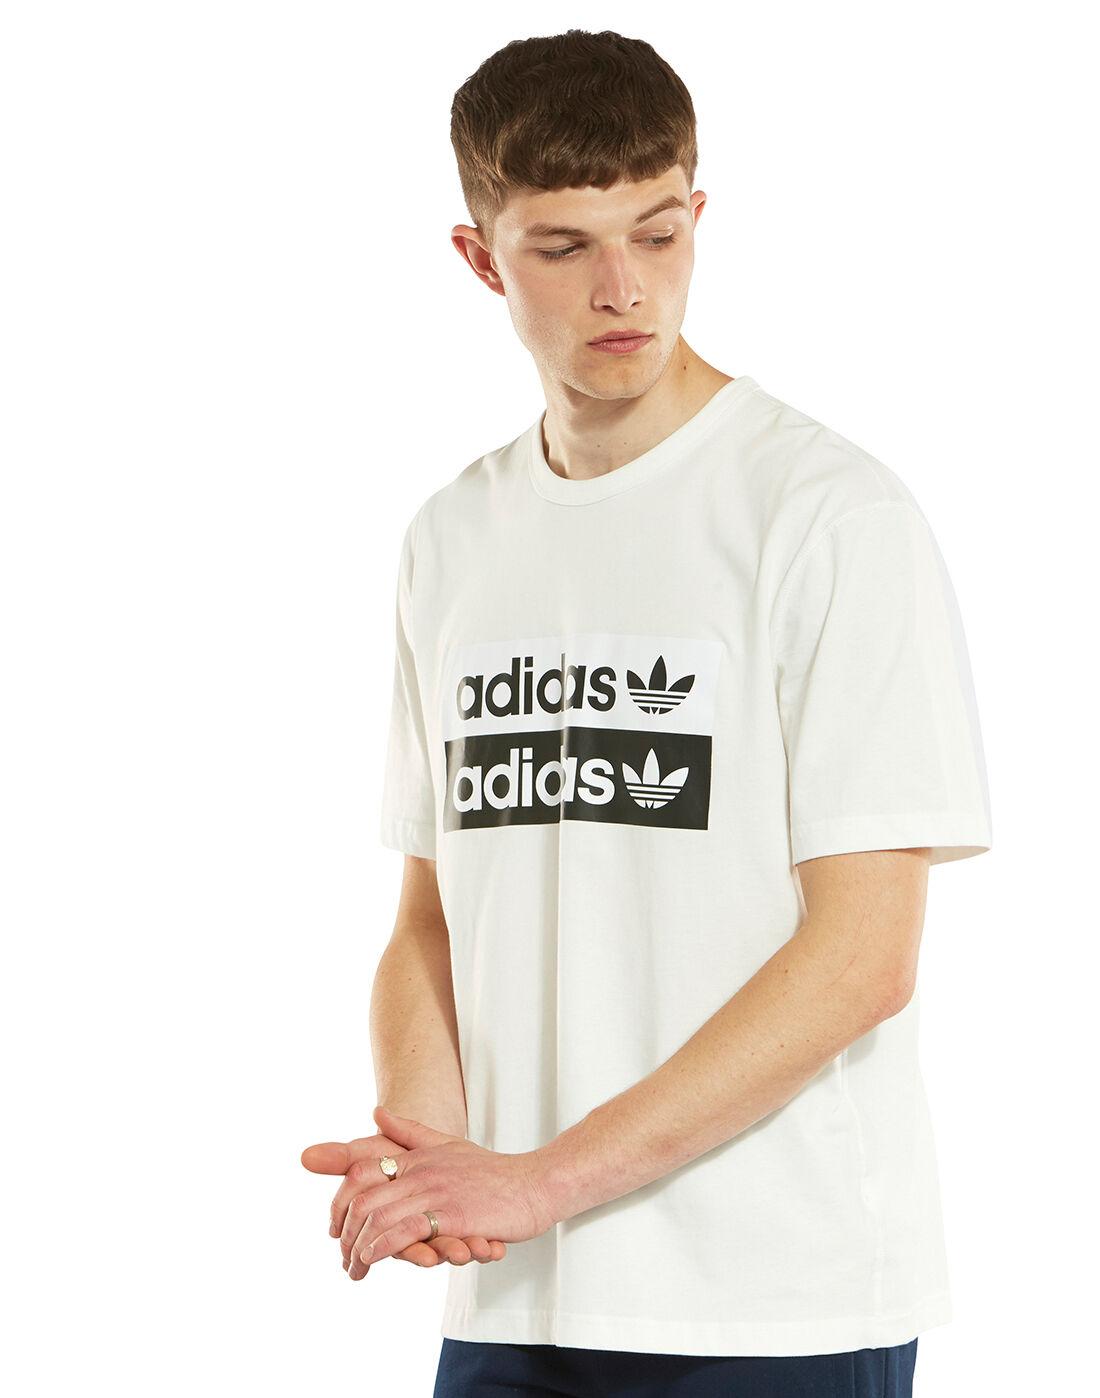 adidas Originals Mens Vocal T Shirt